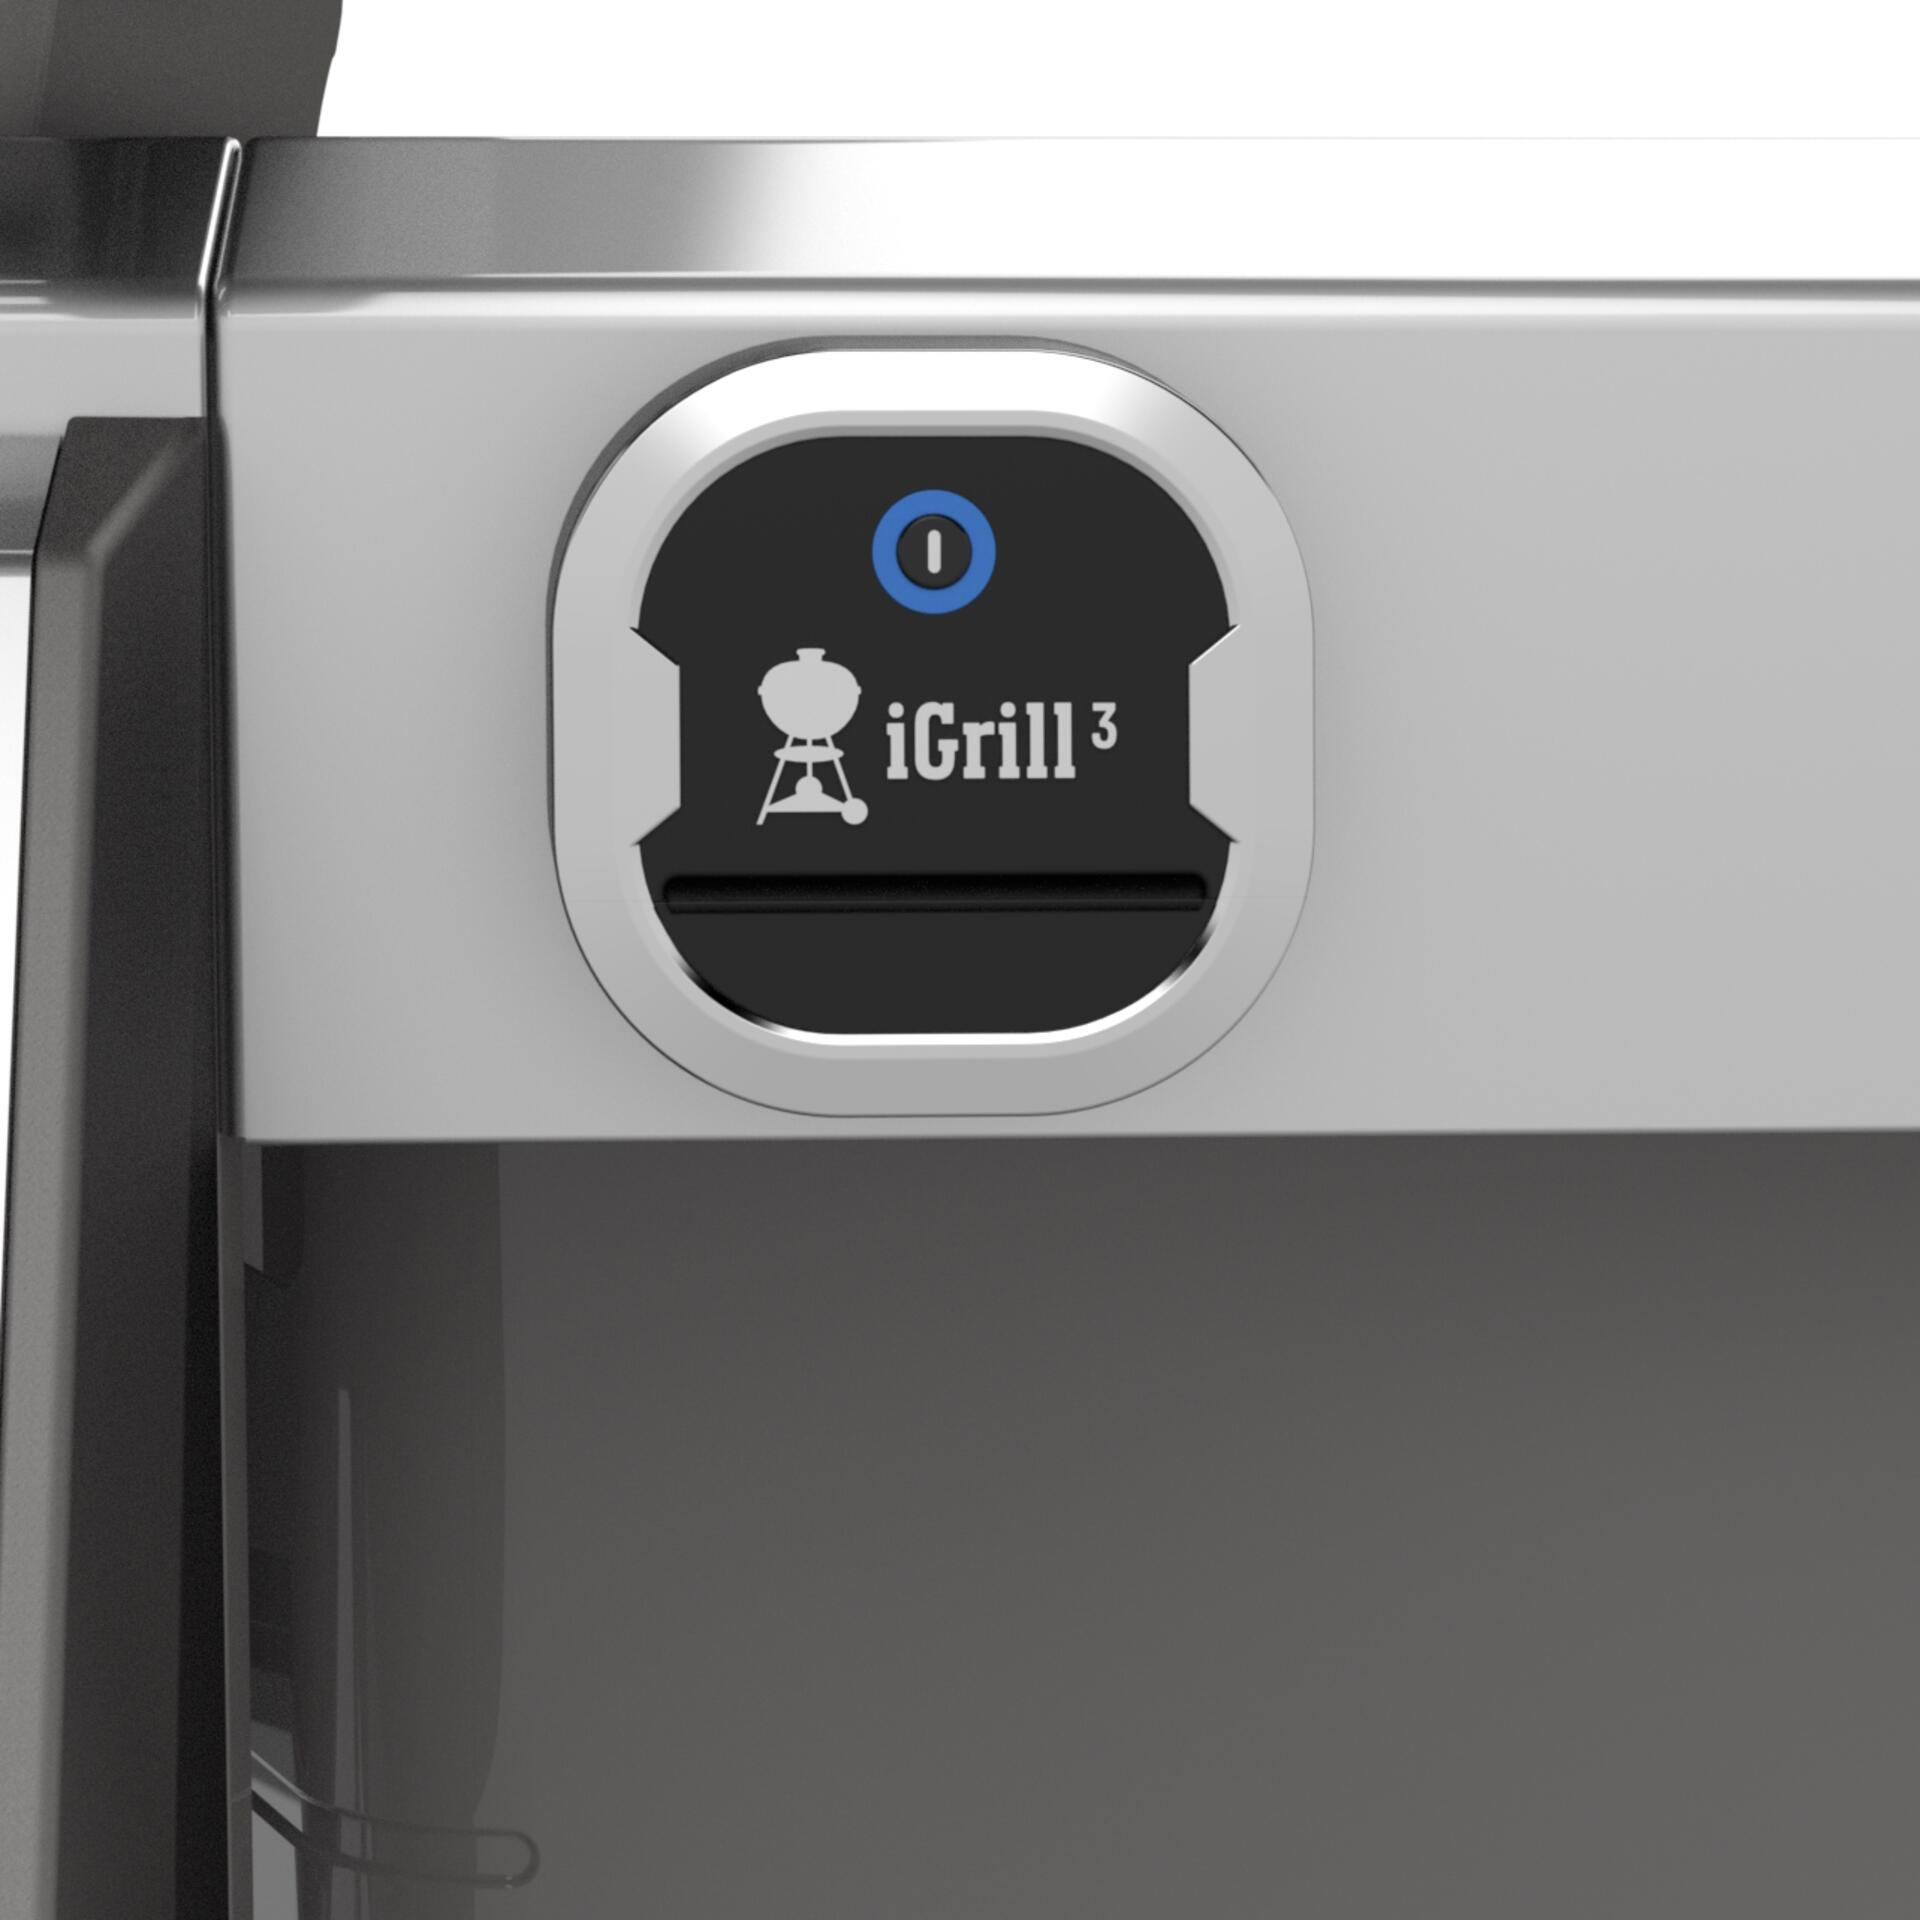 Weber iGrill 3 - Für alle Genesis II Modelle 7205